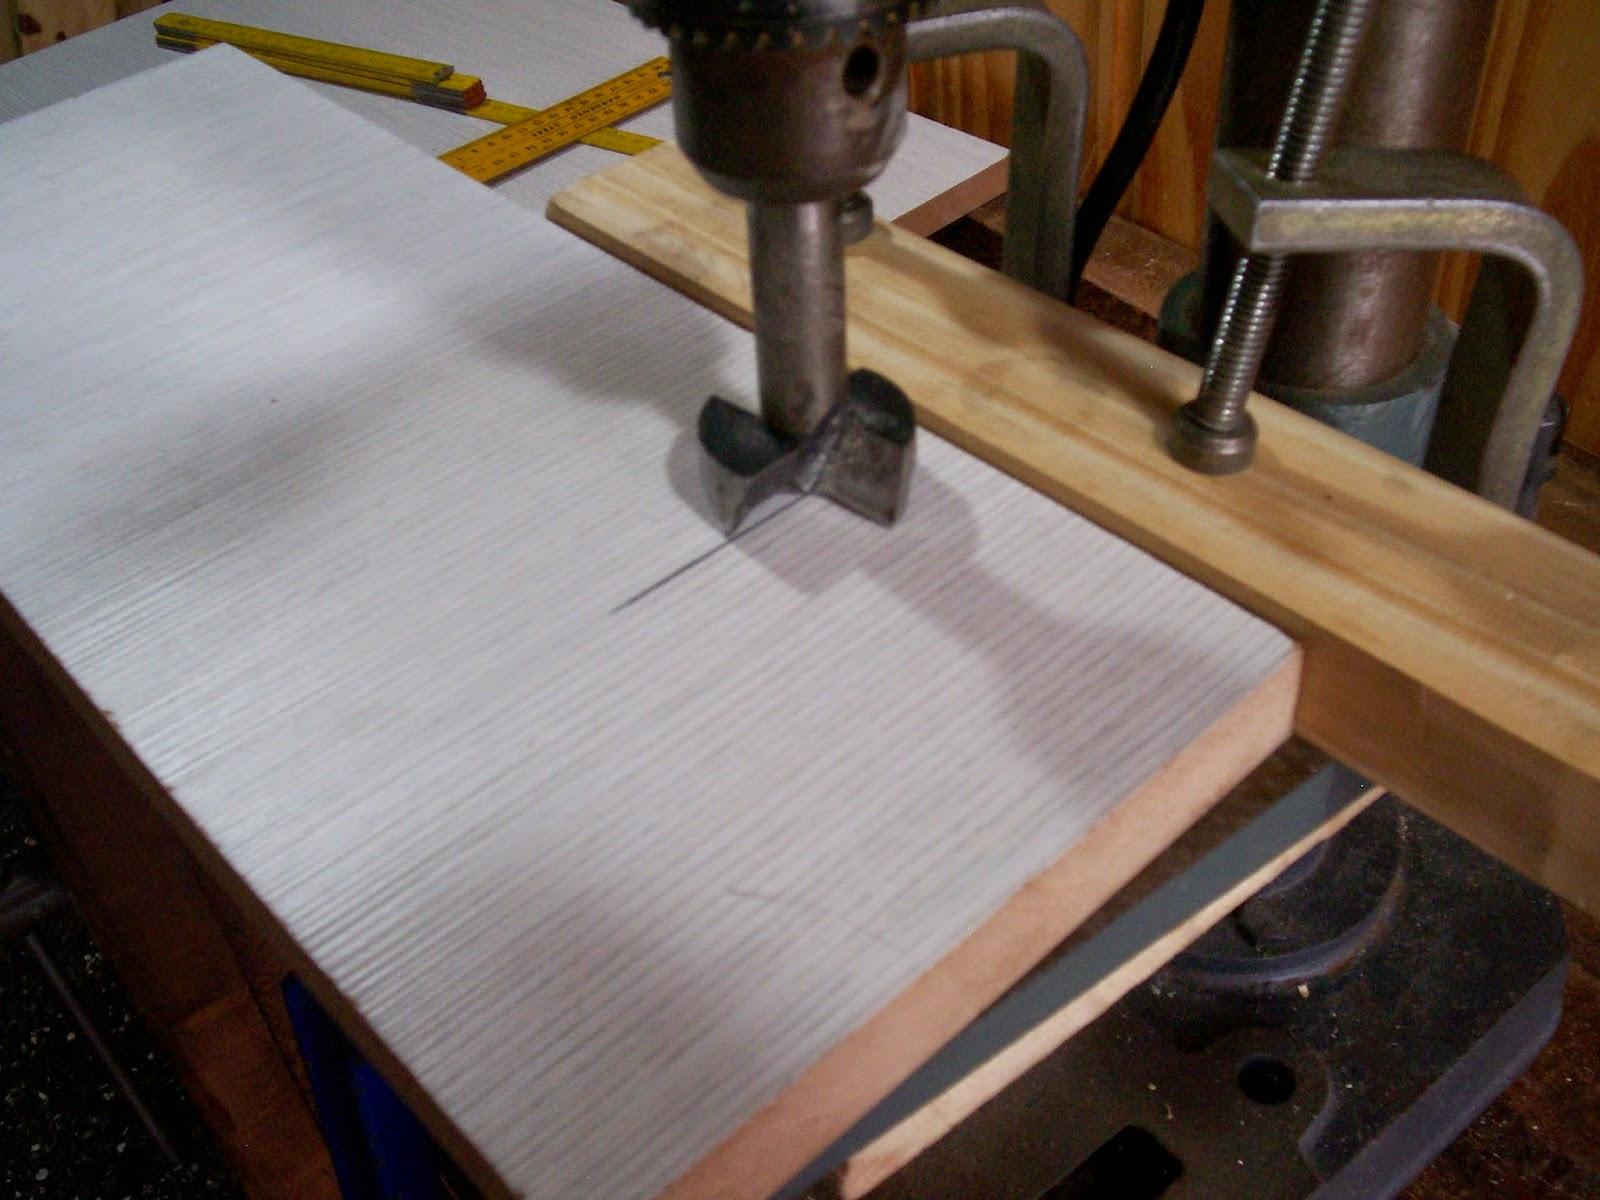 Carpintero en casa : Como colocar bisagras en mueble de cocina